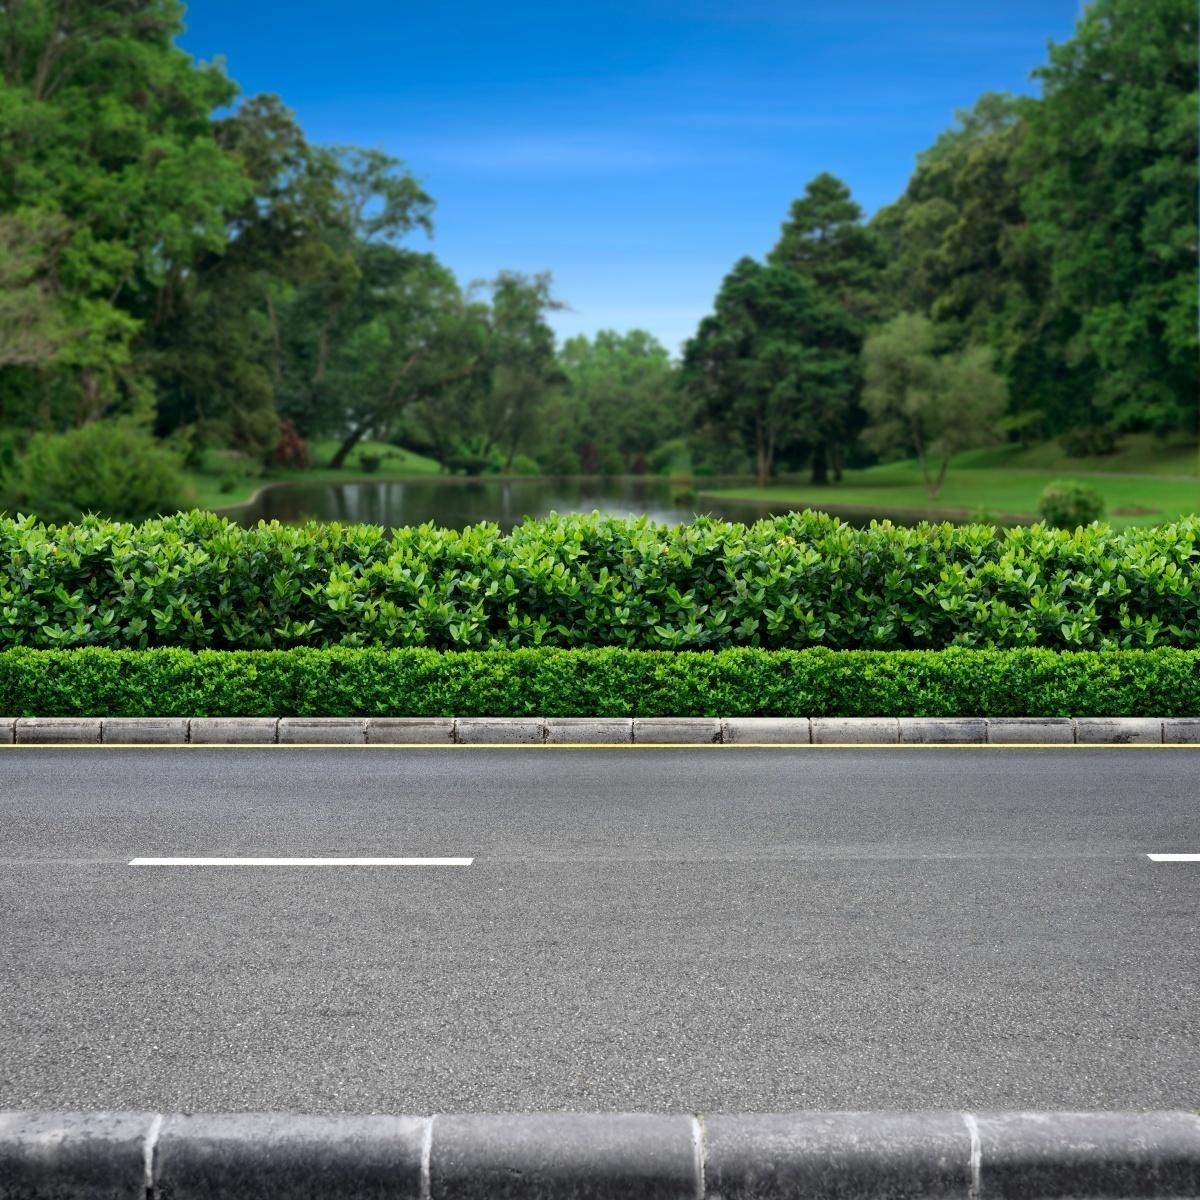 Обочина - Roadside